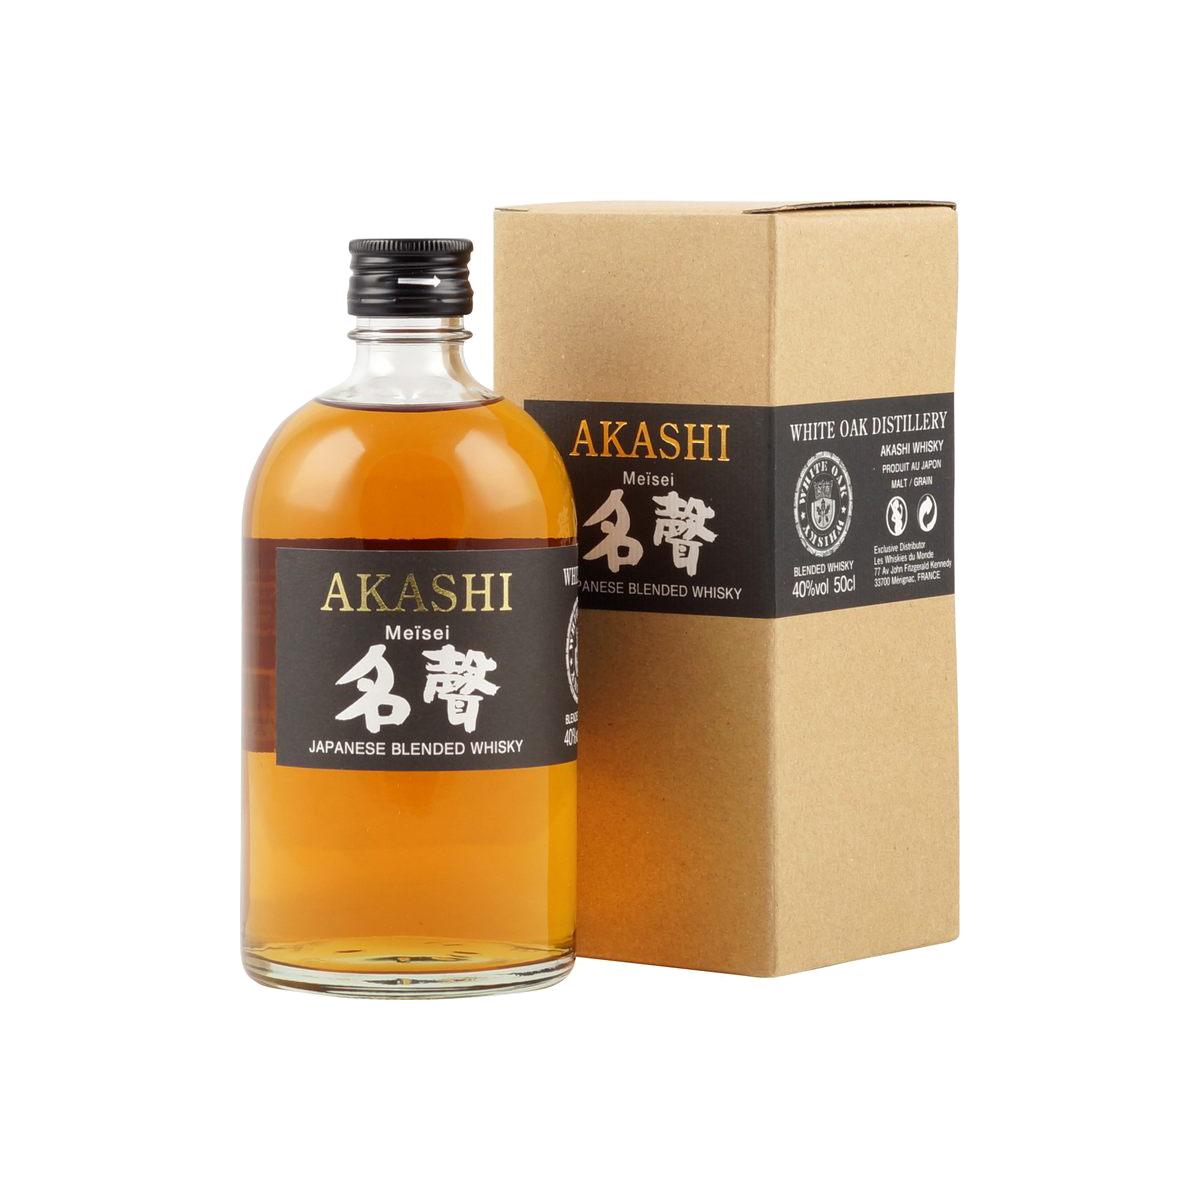 Akashi Meisei Whisky 40%